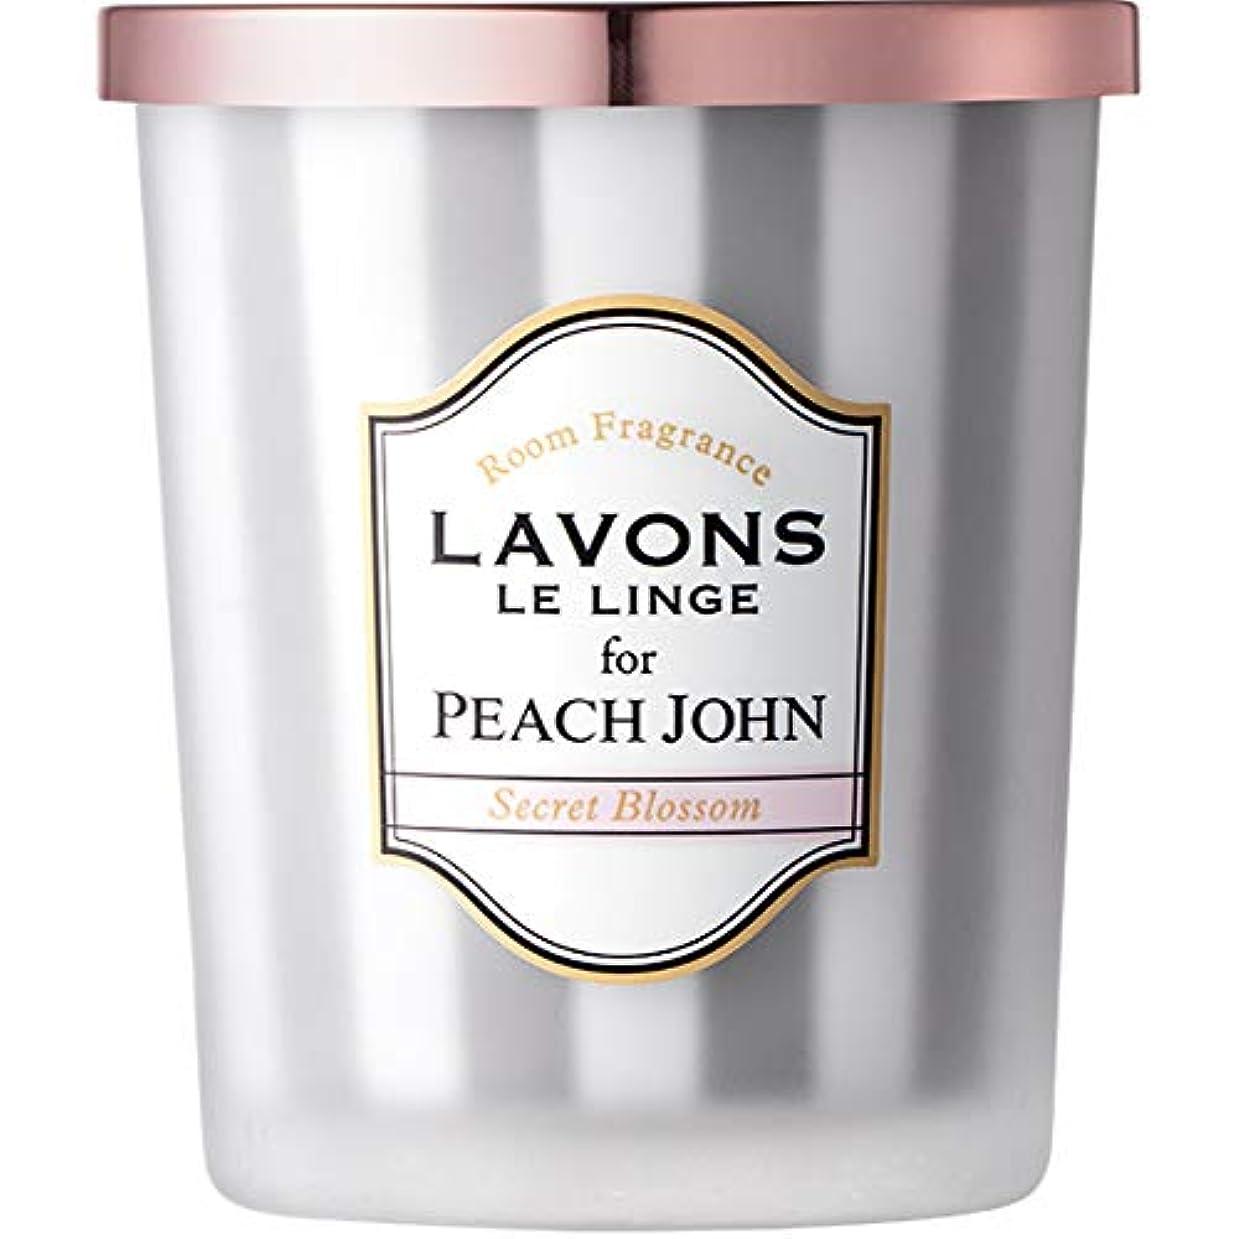 言い直すラメカッターラボン for PEACH JOHN 部屋用フレグランス シークレットブロッサムの香り 150g